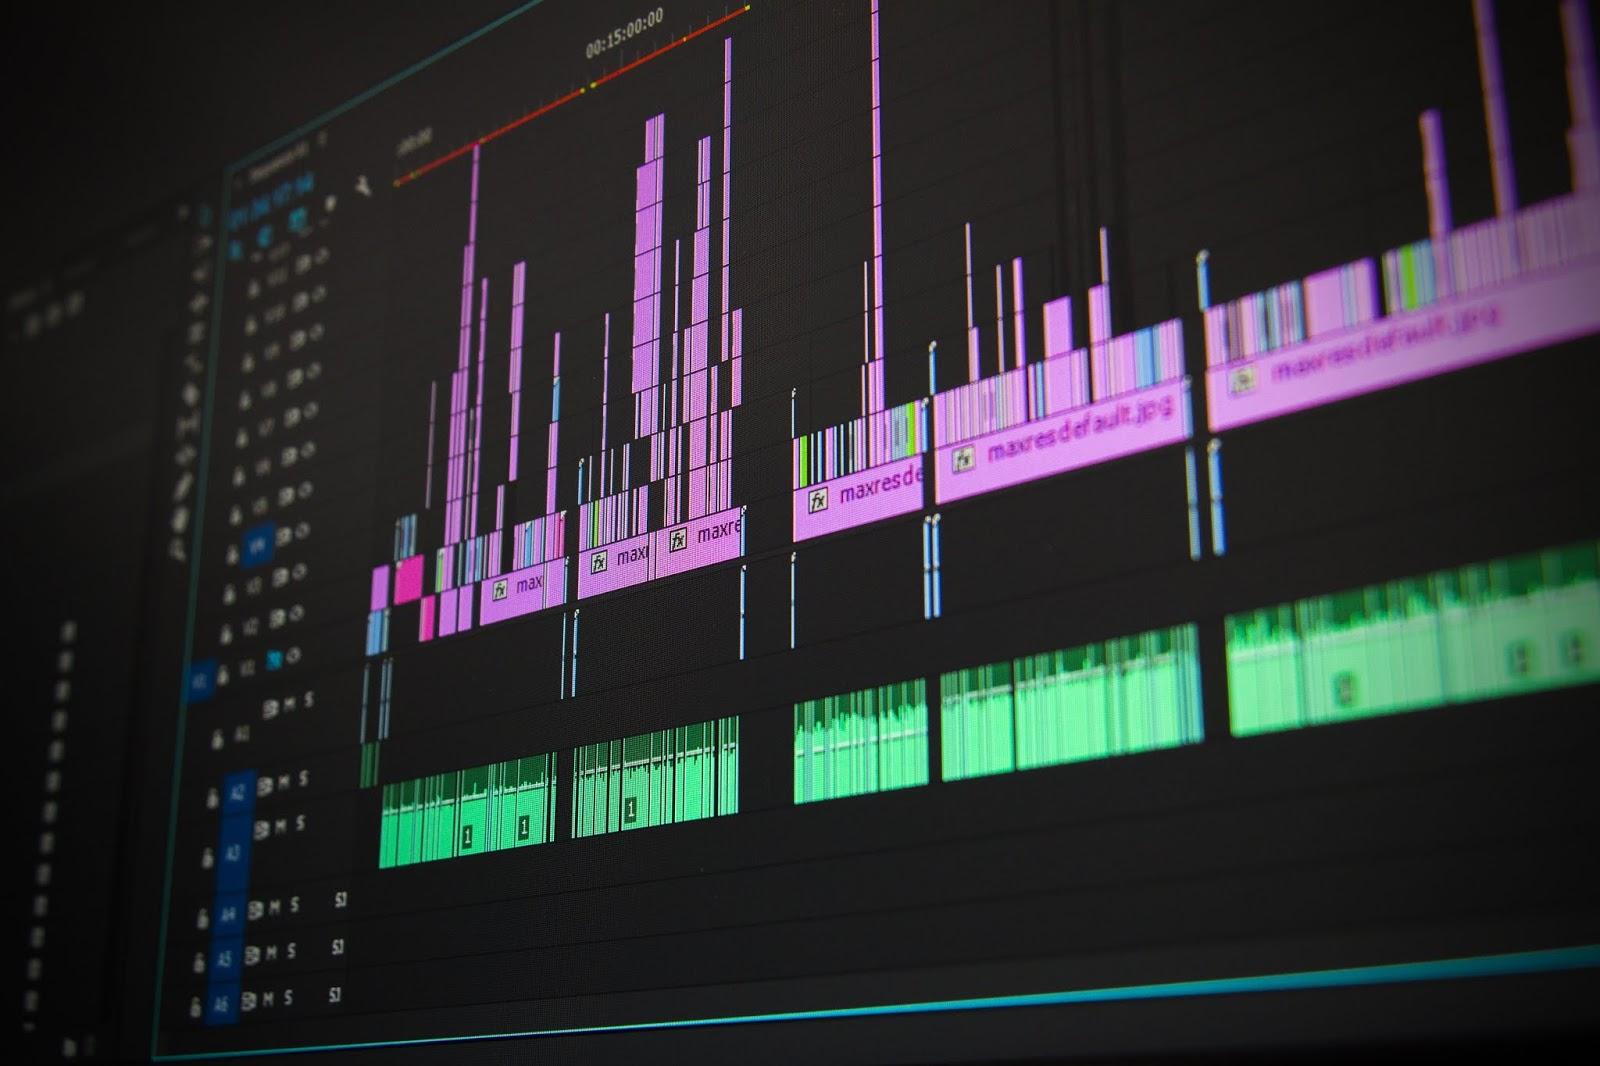 Pengalaman Pertama Bersama Kdenlive Video Editing Di Ubuntu